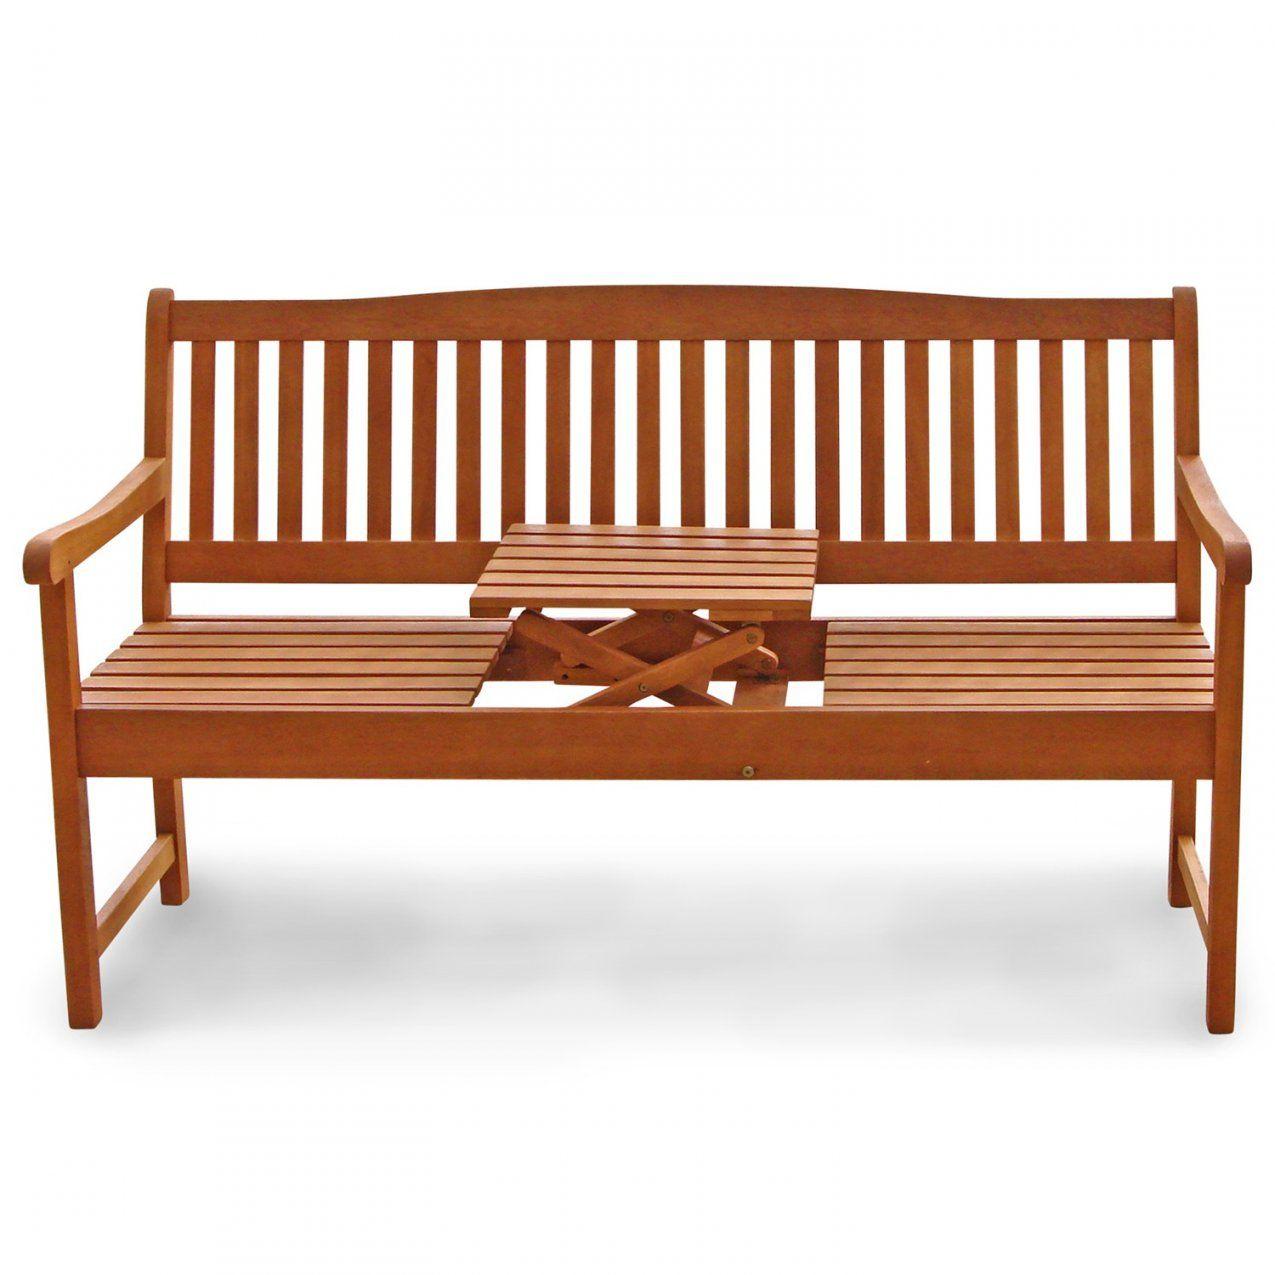 Gartenbank Mit Integriertem Klapptisch Aus Holz Ideal Für Picknick von Gartenbank Holz Mit Integriertem Tisch Bild